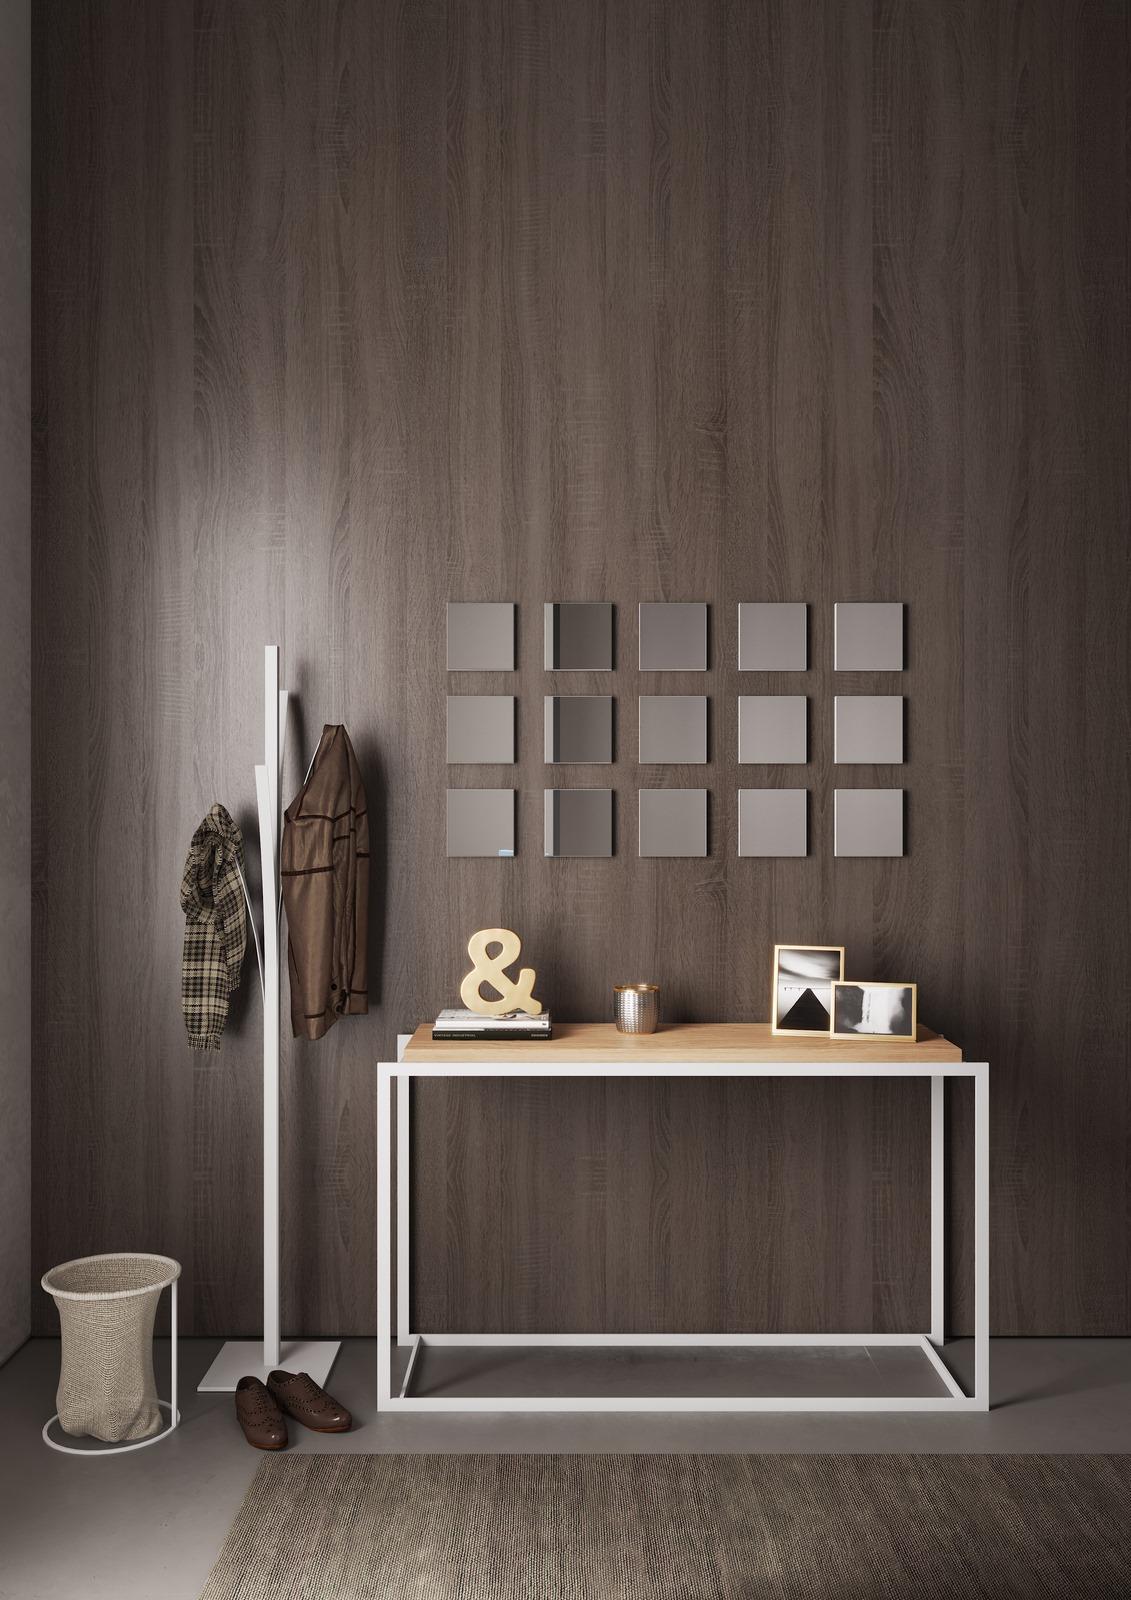 hall-entrada-consola-carvalho-ferro-branco-cesto-tecido-espelho